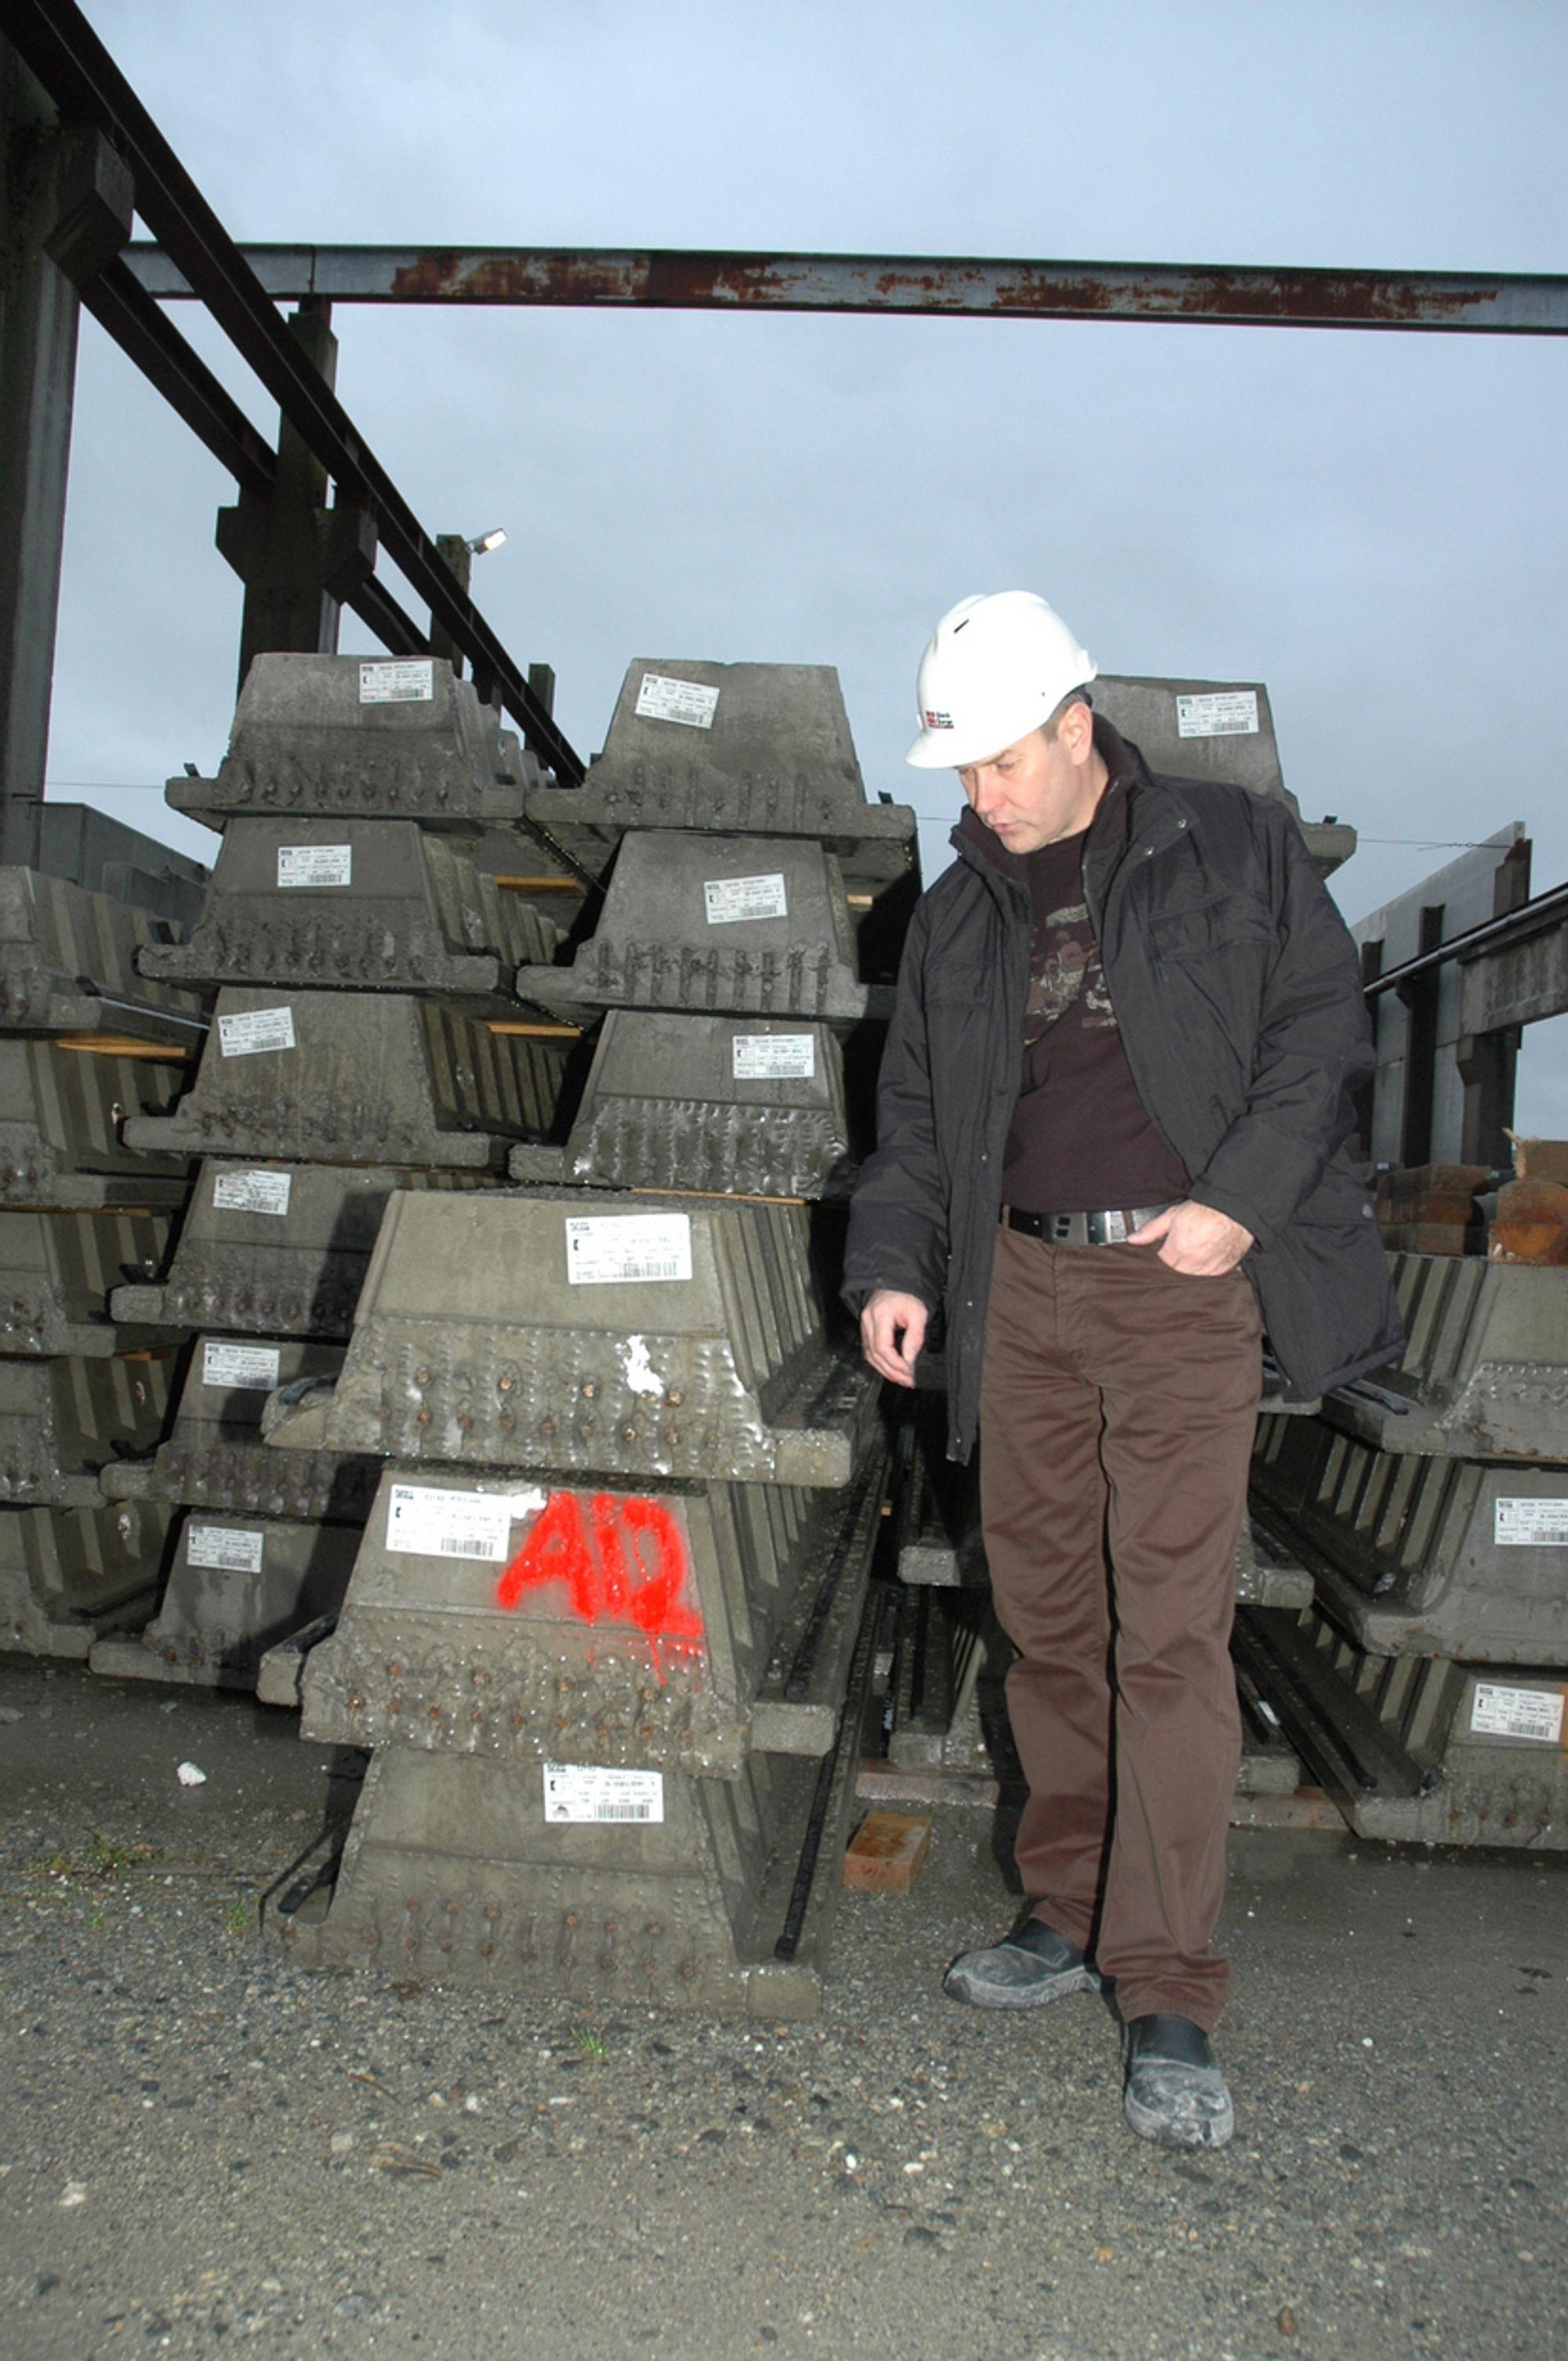 Salgssjef Jan Arvid Johansen viser frem egenutviklete betongbjelker som er tynnere enn tradisjonelle og som kun har 60 mm oppleggshøyde. De har også god brannotstand. Bidet tatt i oktober 2005 på Klepp i Rogaland.